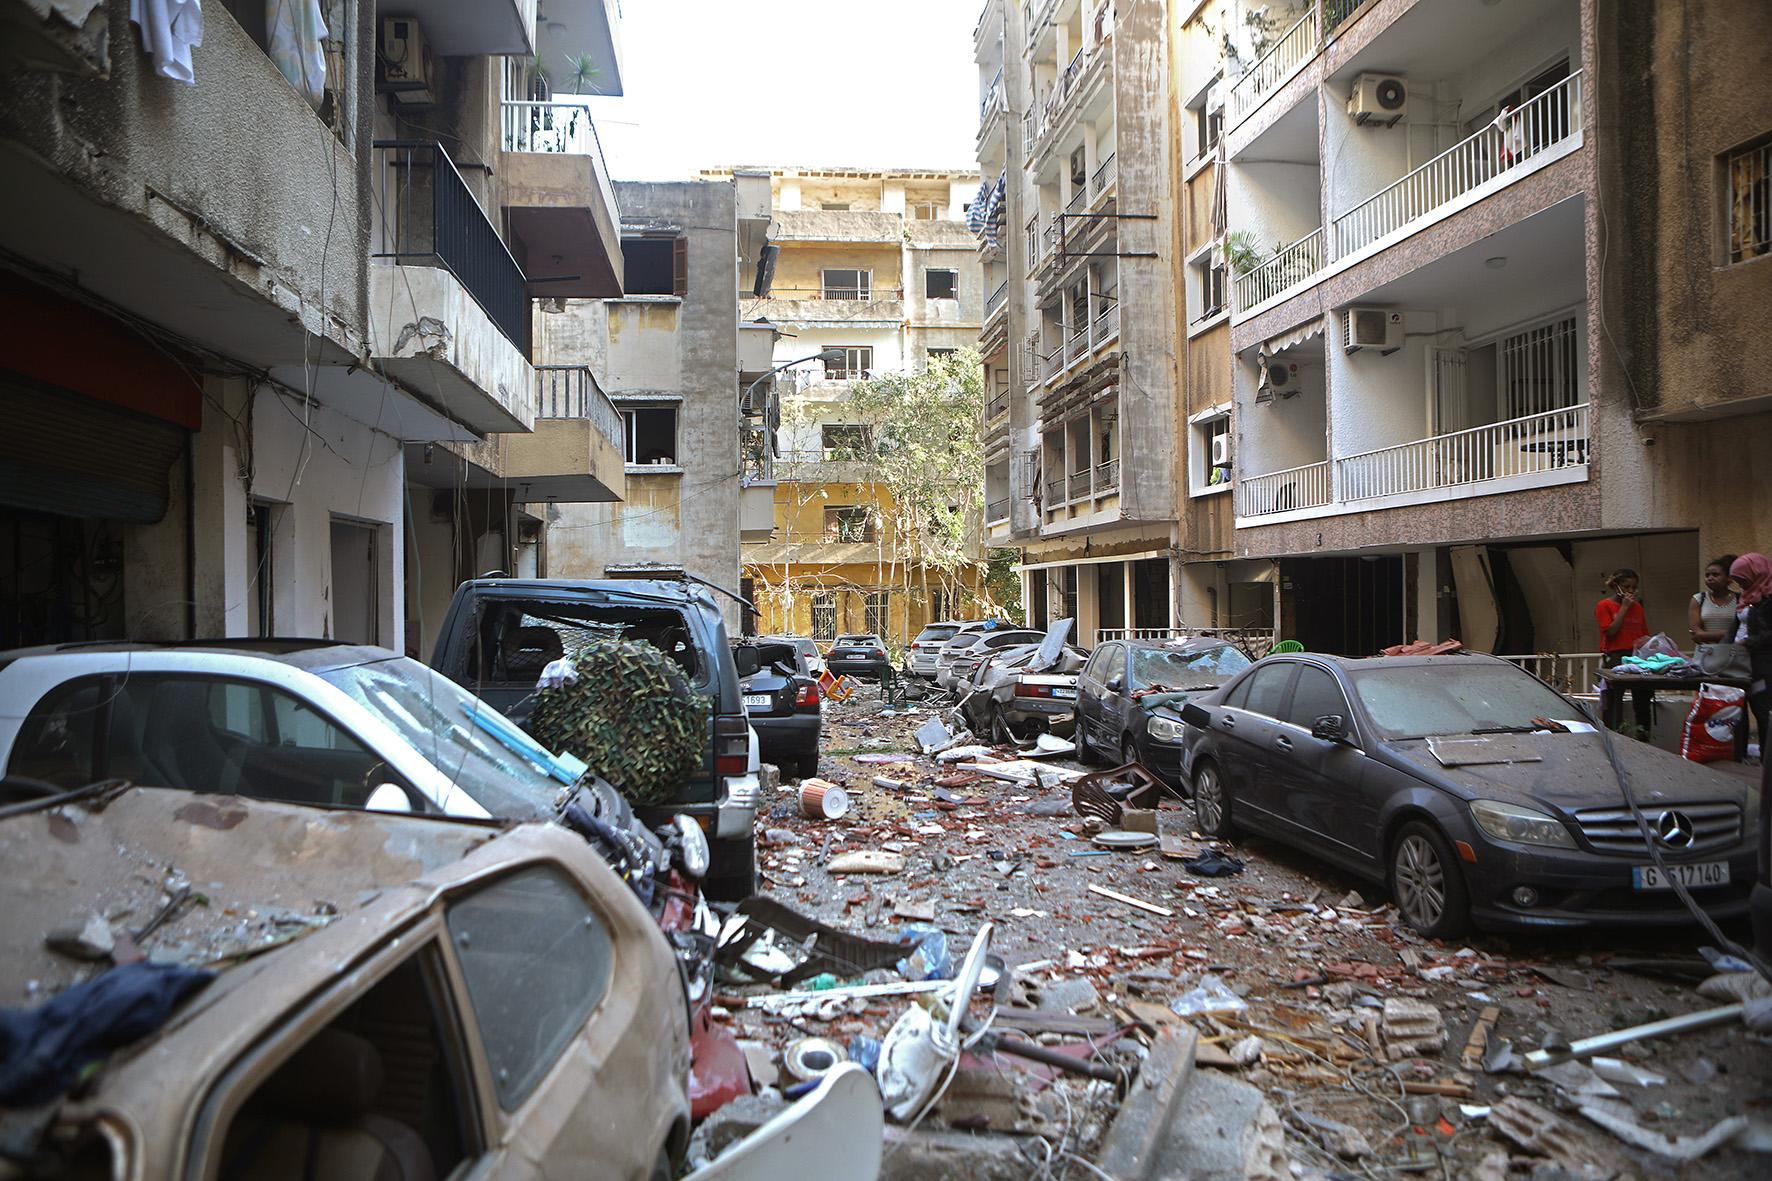 Op deze foto zie je huizen volkomen vernietigd door de explosie in Beirout